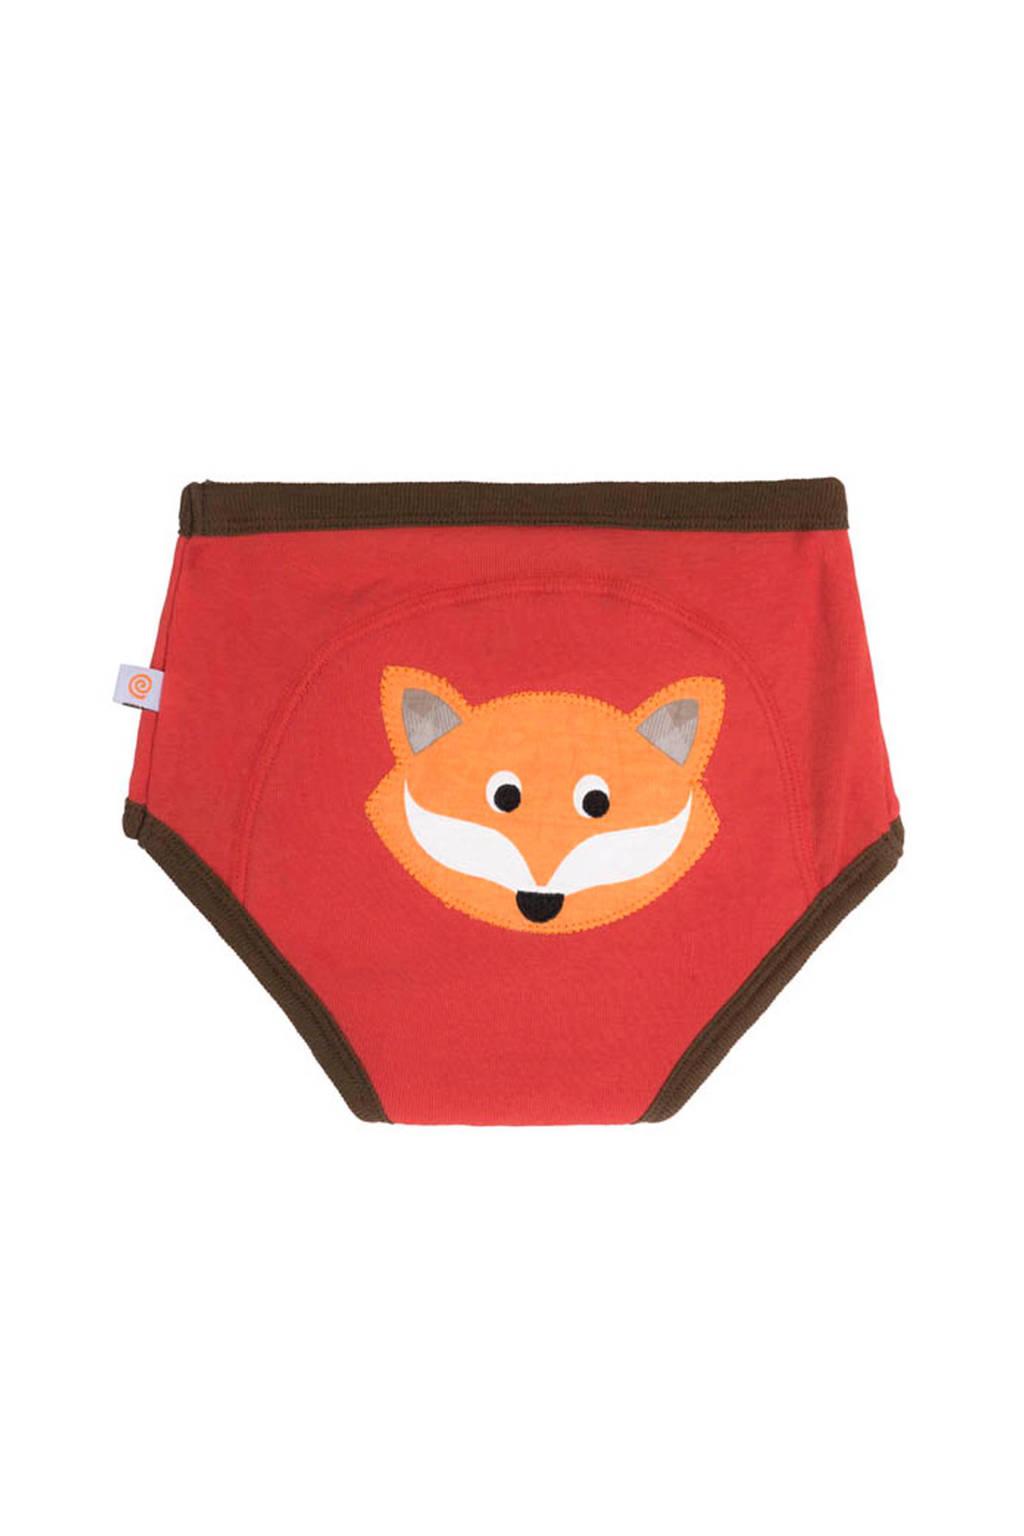 Zoocchini Finley the Fox trainingsbroekje 3-4 jaar